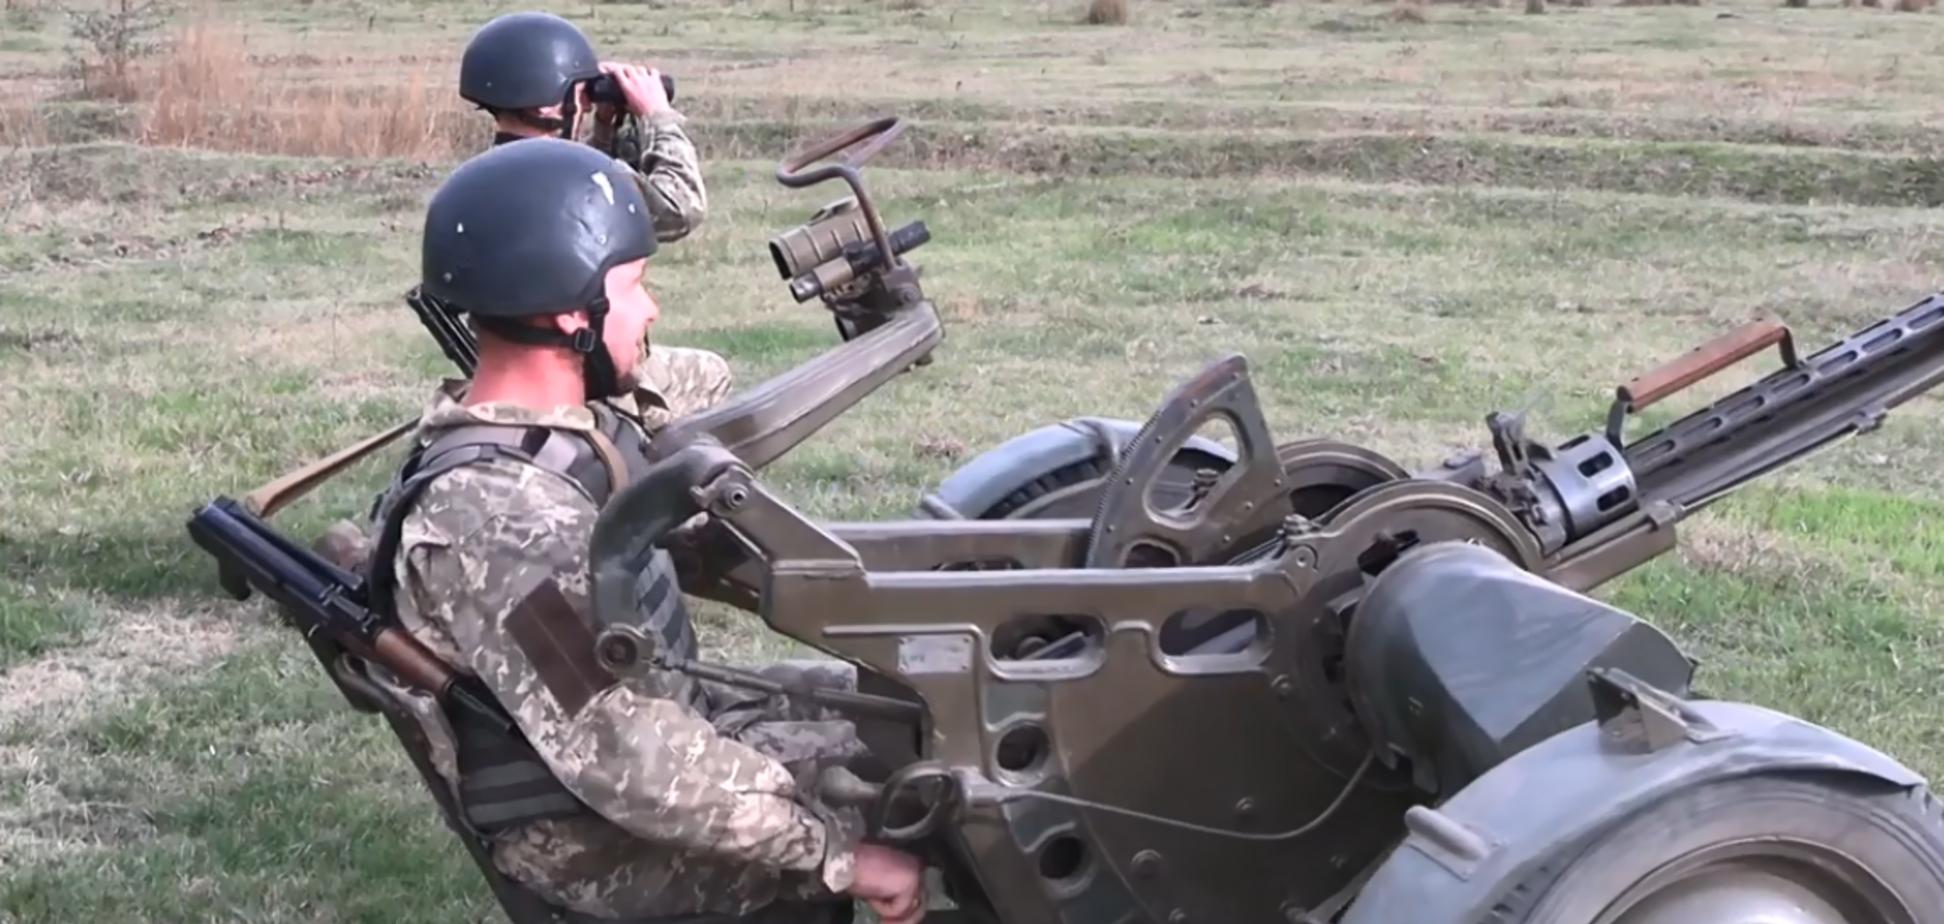 Воины ВСУ потренировались сбивать вражеские БПЛА